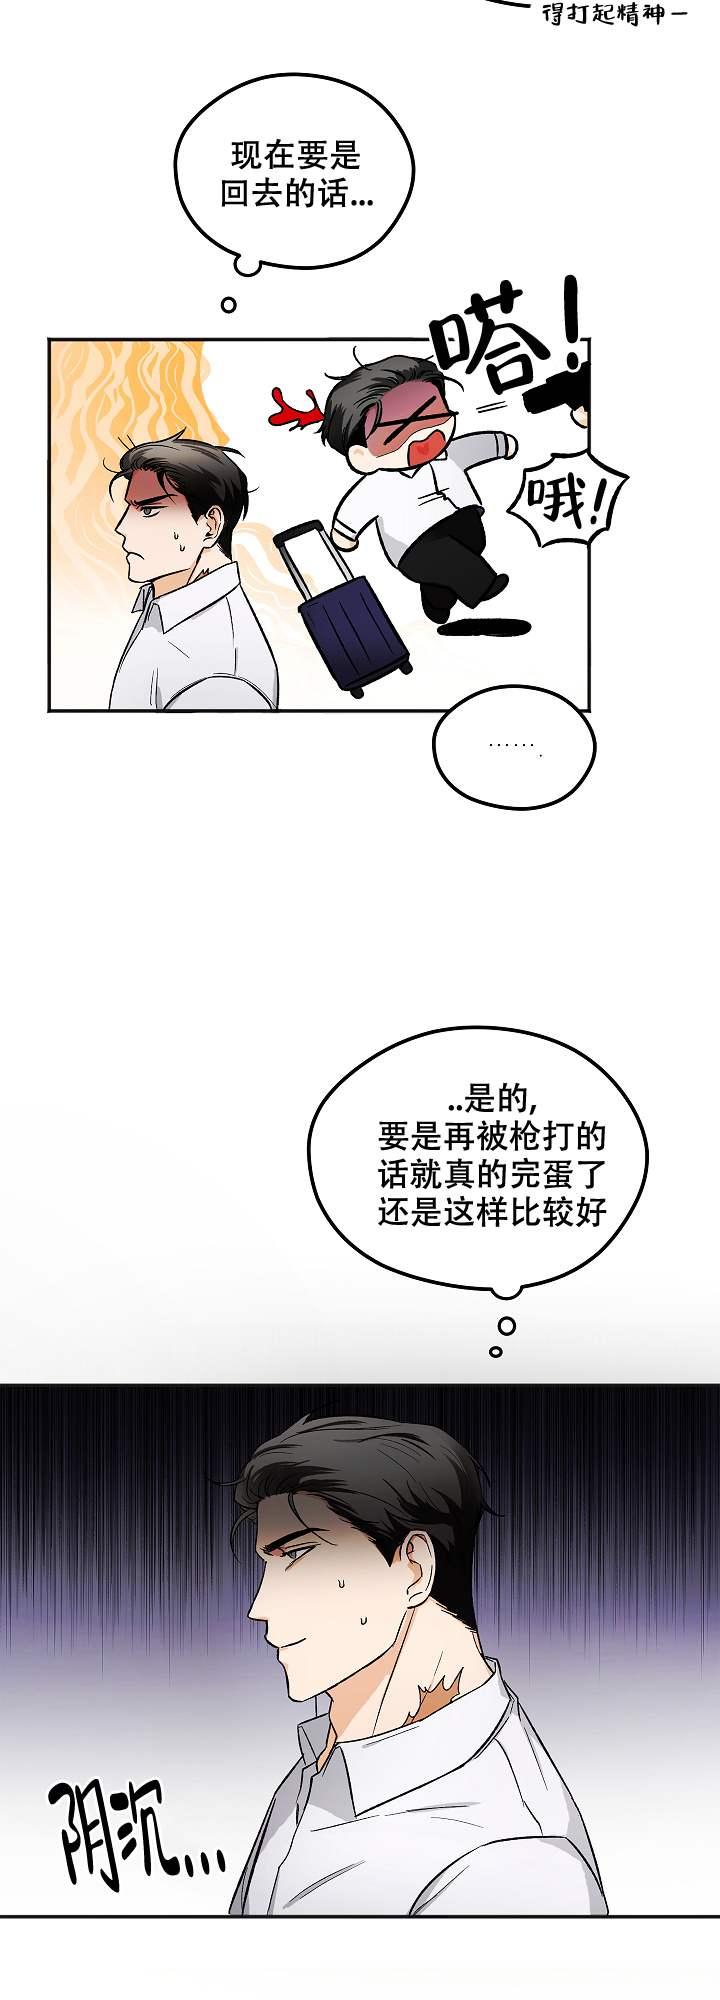 韩漫 |《黑帮大佬也辞职》落跑黑帮大佬,遇见真命天子!  第13张